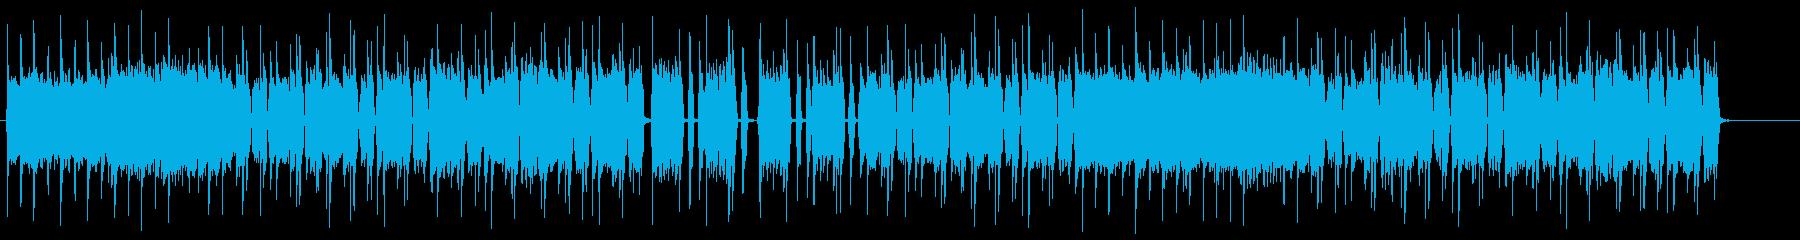 短縮verミドルテンポのヘヴィロックリフの再生済みの波形